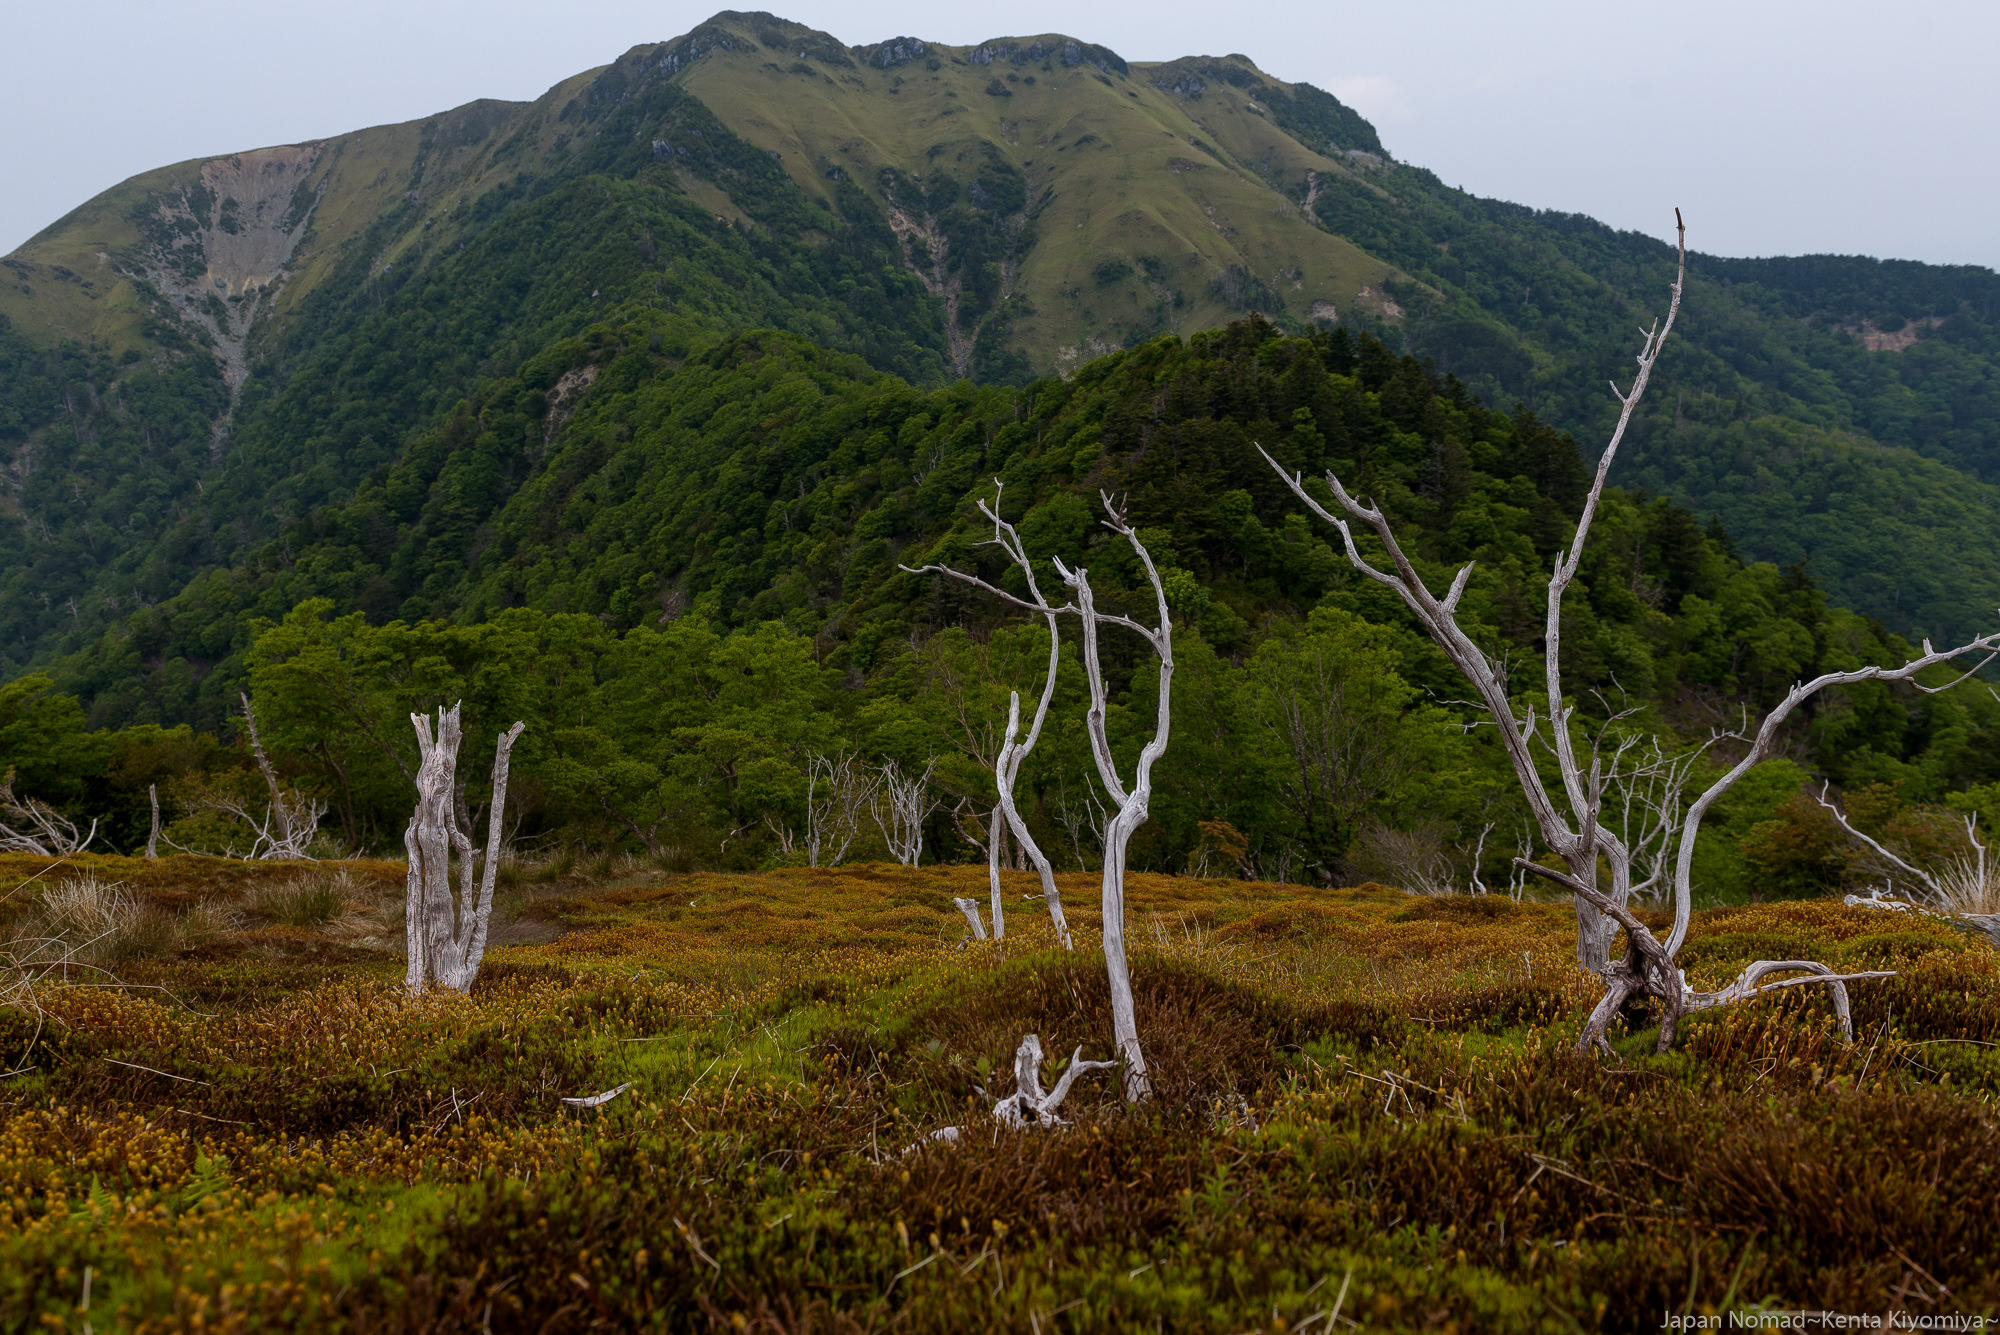 【三嶺~剣山 縦走登山】天の川、夕焼け、雲海など絶景が凝縮された山歩き